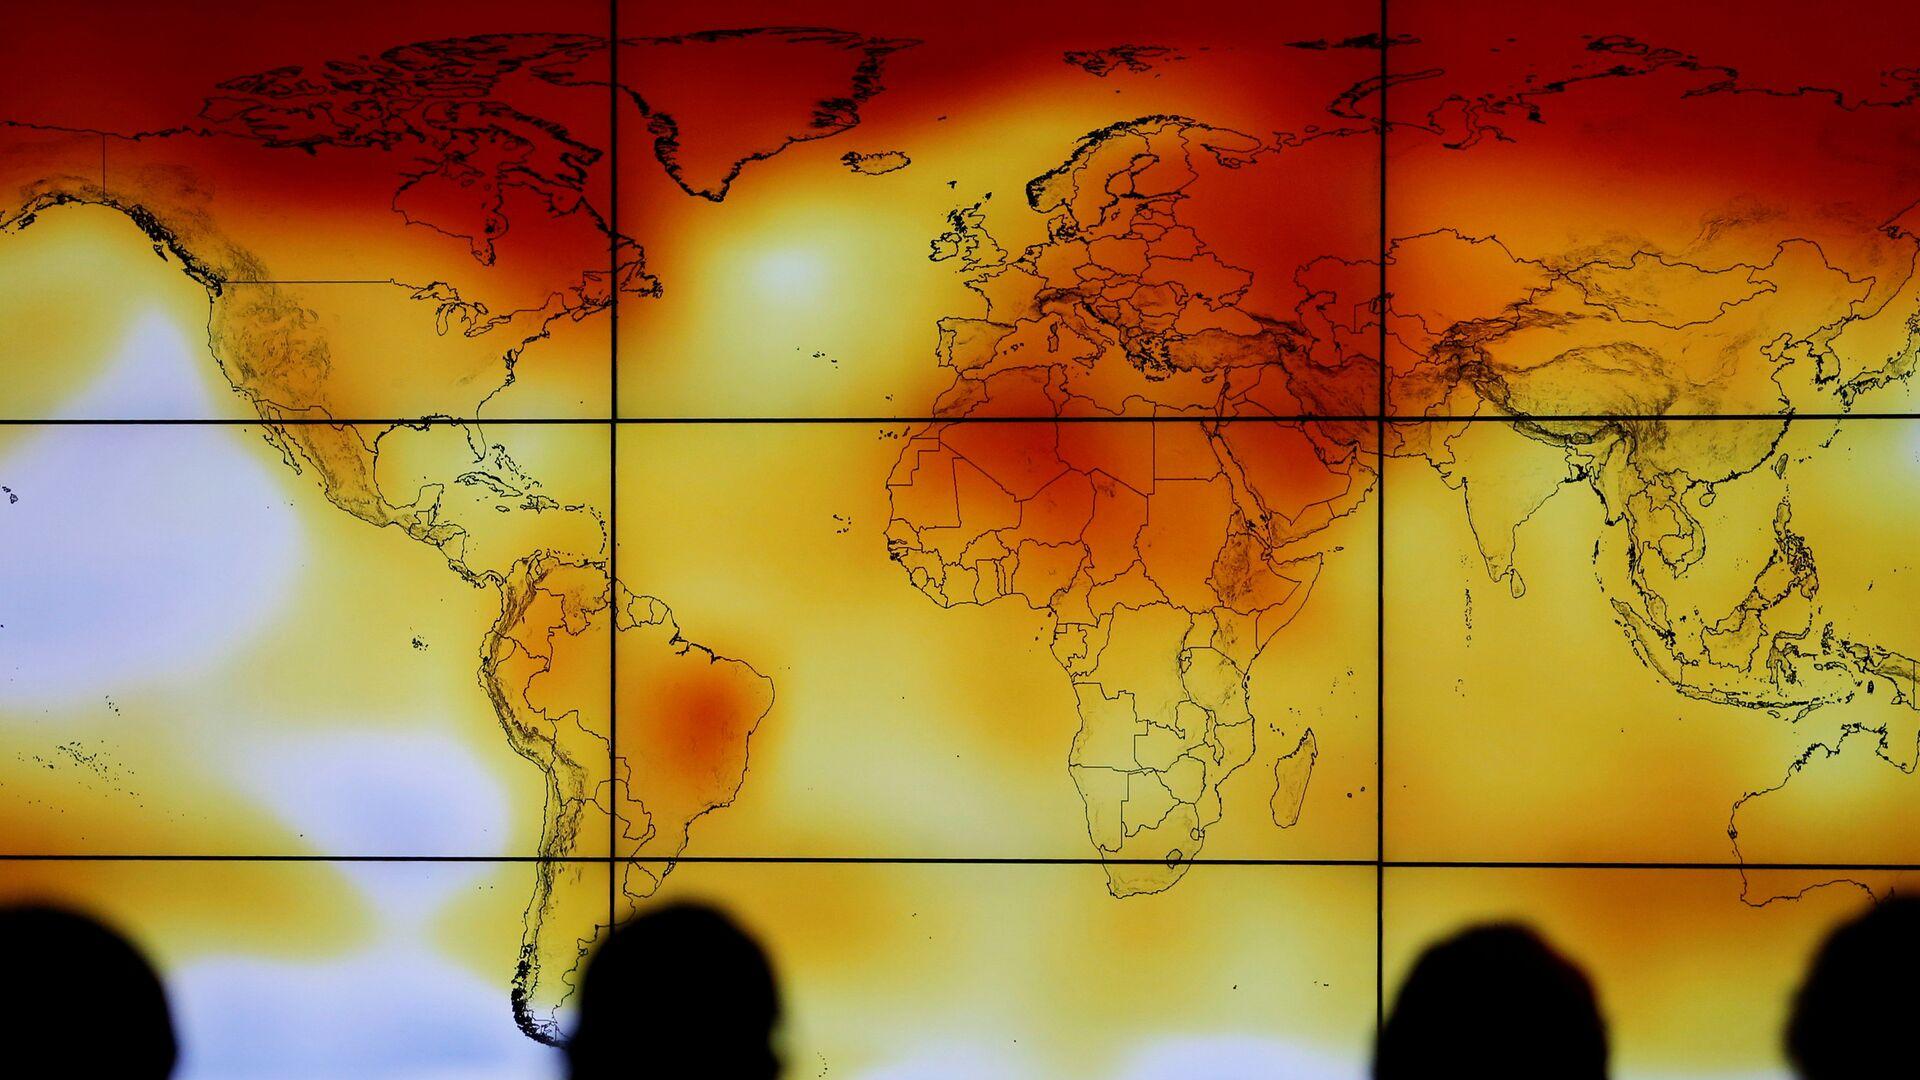 El cambio climático (imagen referencial) - Sputnik Mundo, 1920, 20.09.2021